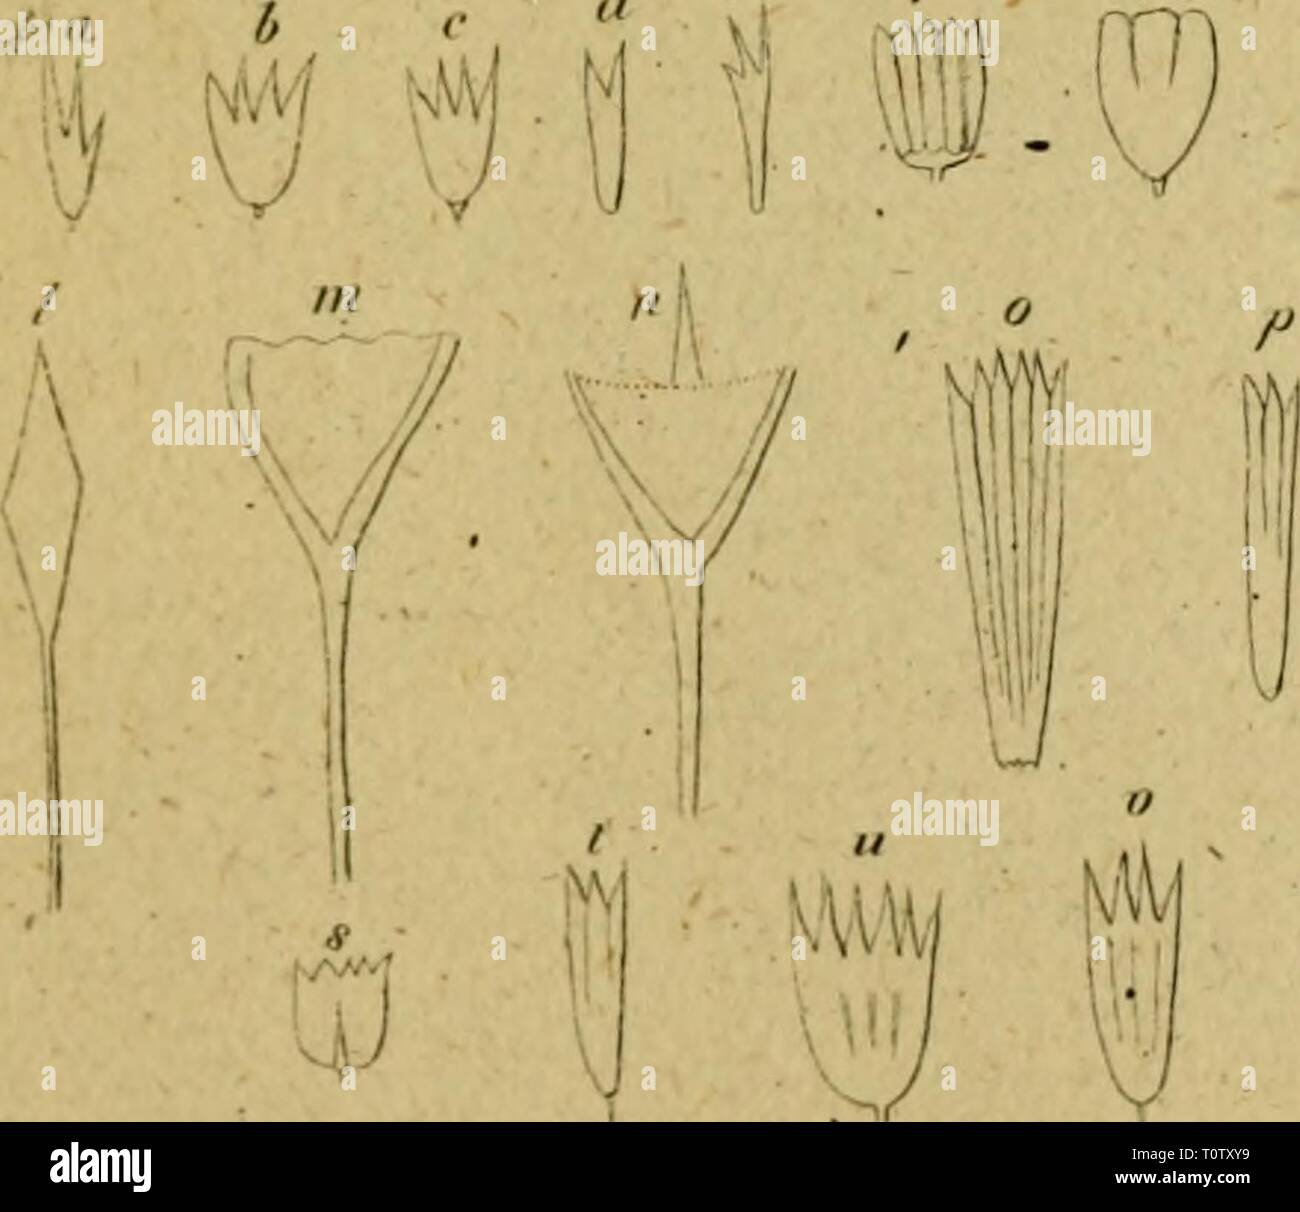 Eine Lektüre in die Entomologie Stockfoto